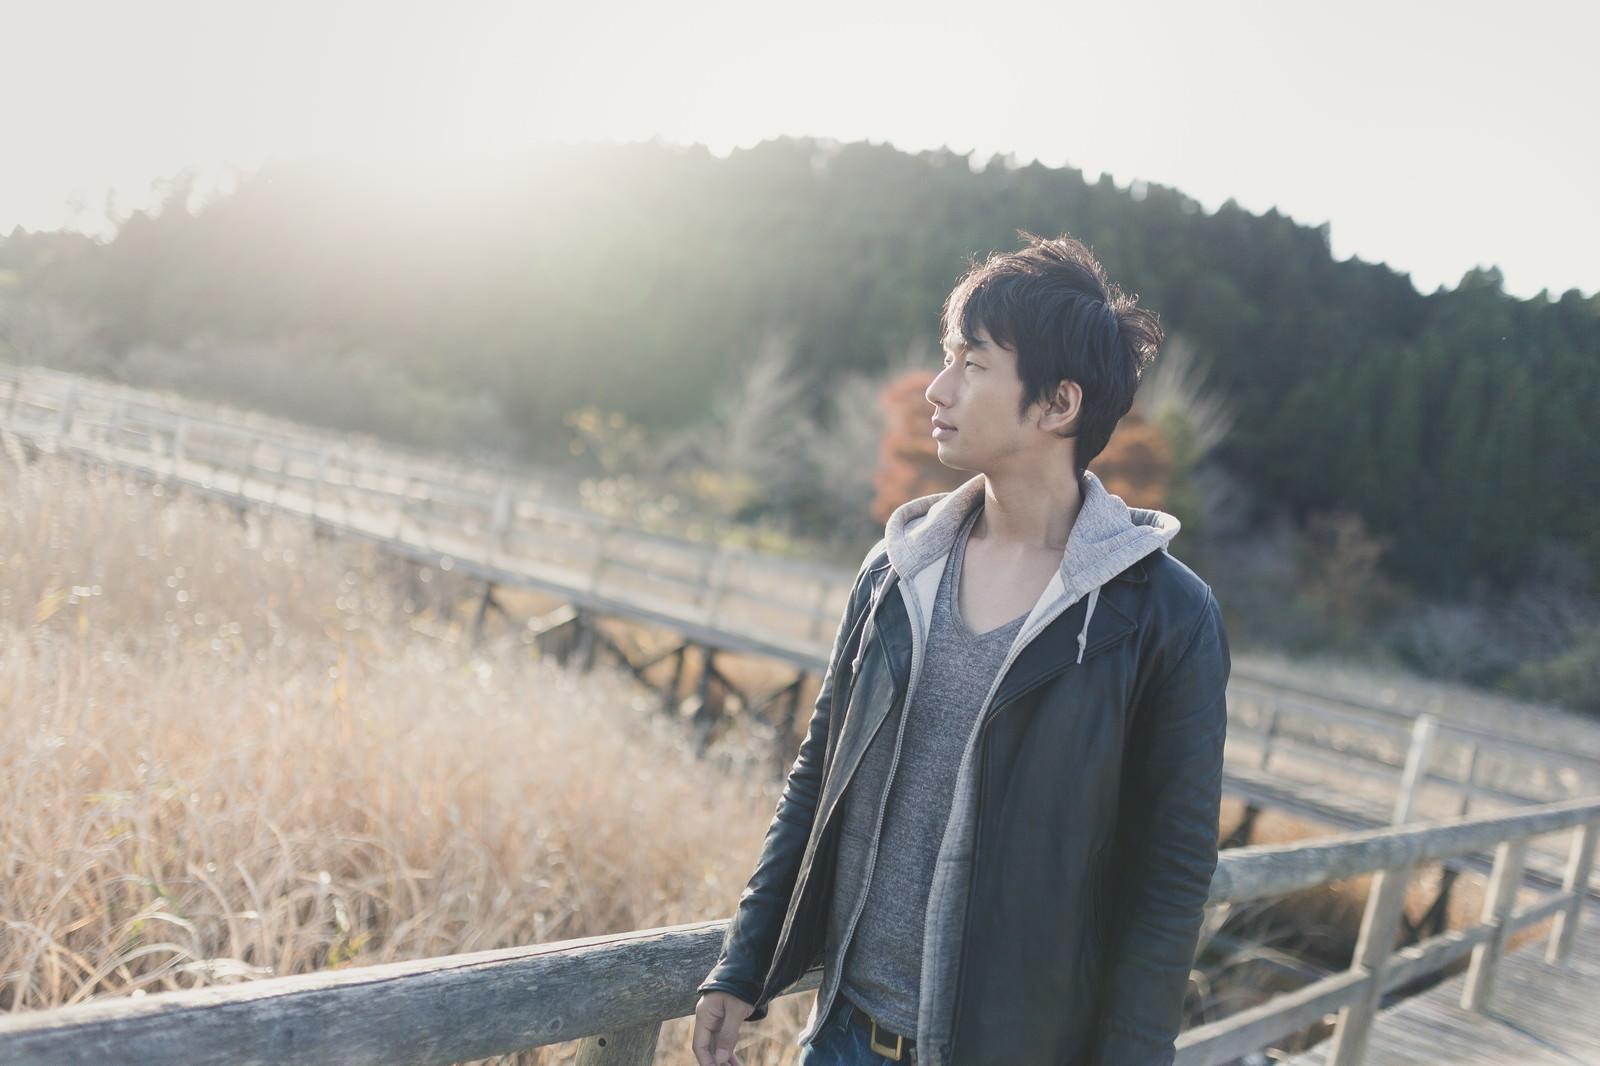 「夕暮れどきトンボの沼を散歩する男性」の写真[モデル:大川竜弥]